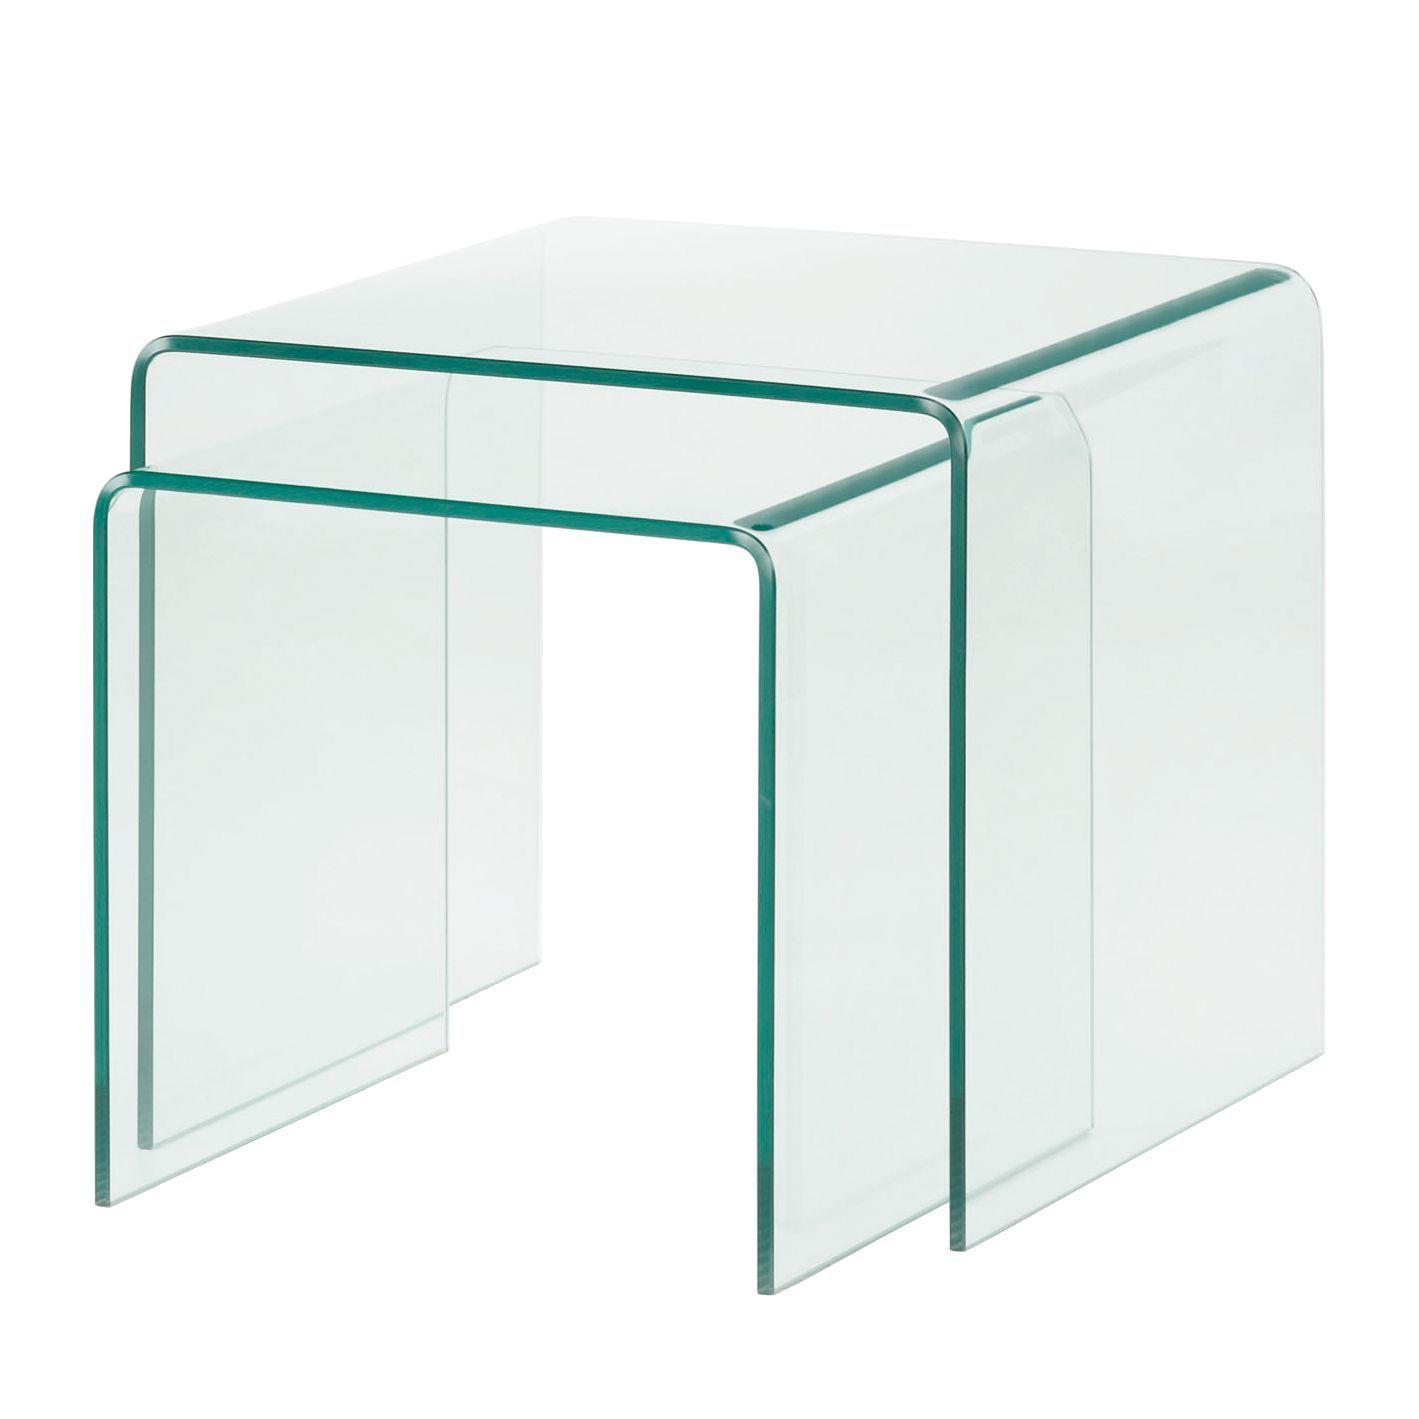 Beistelltisch Drap 2 Teilig Glas Morteens Jetzt Bestellen Unter Https Moebel Ladendi Couchtisch Design Beistelltische Wohnzimmer Wohnzimmer Tisch Weiss